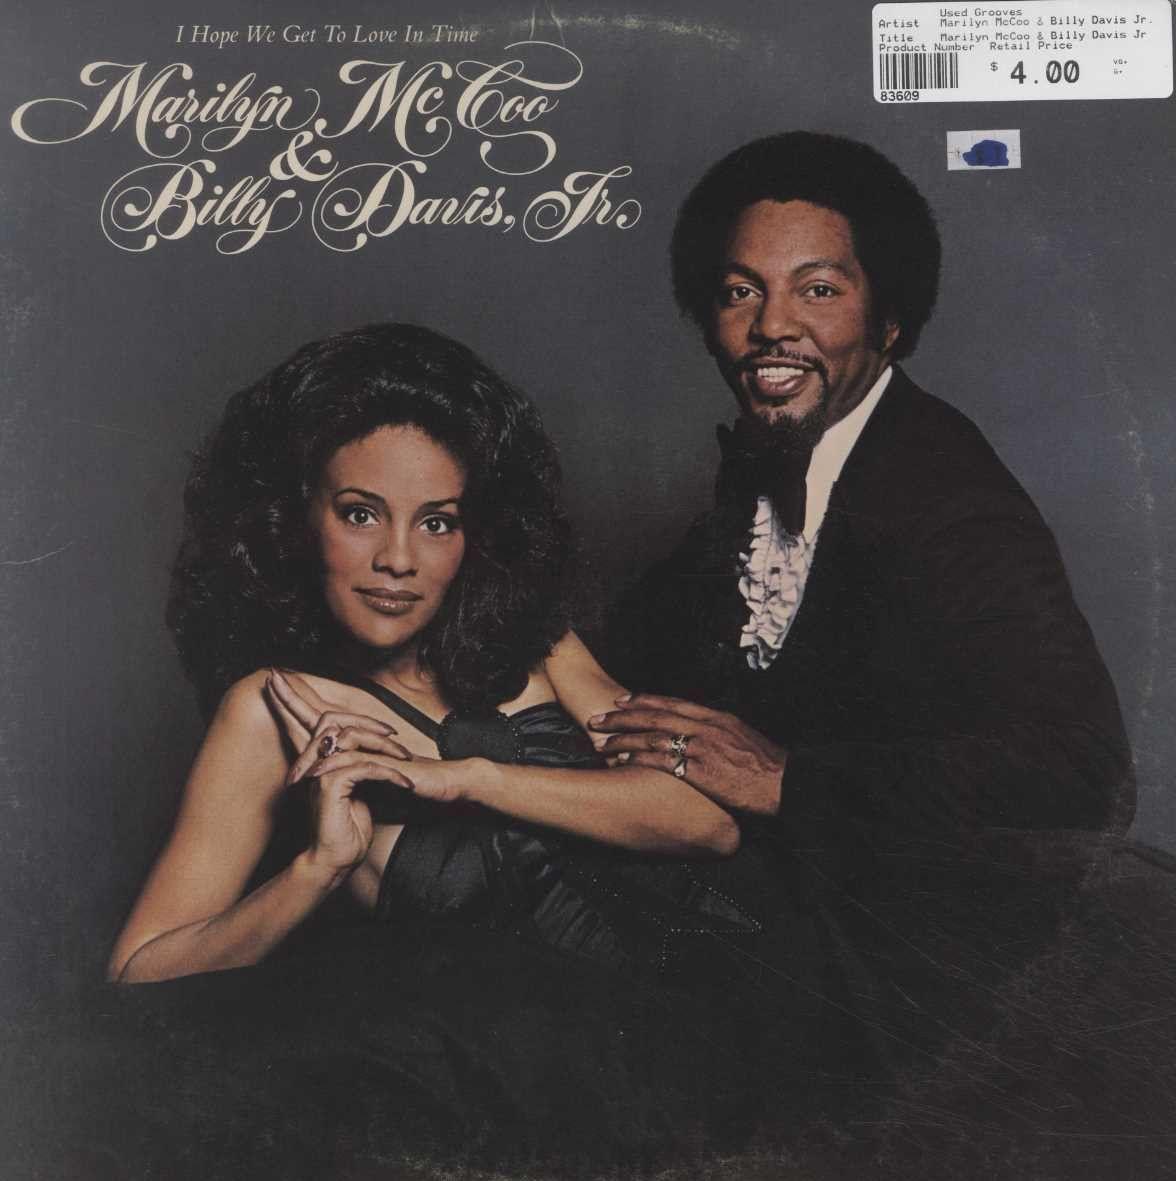 sunday pm marilyn mccoo billy davis jr formerly of marilyn mccoo billy davis jr i hope we get to love in time